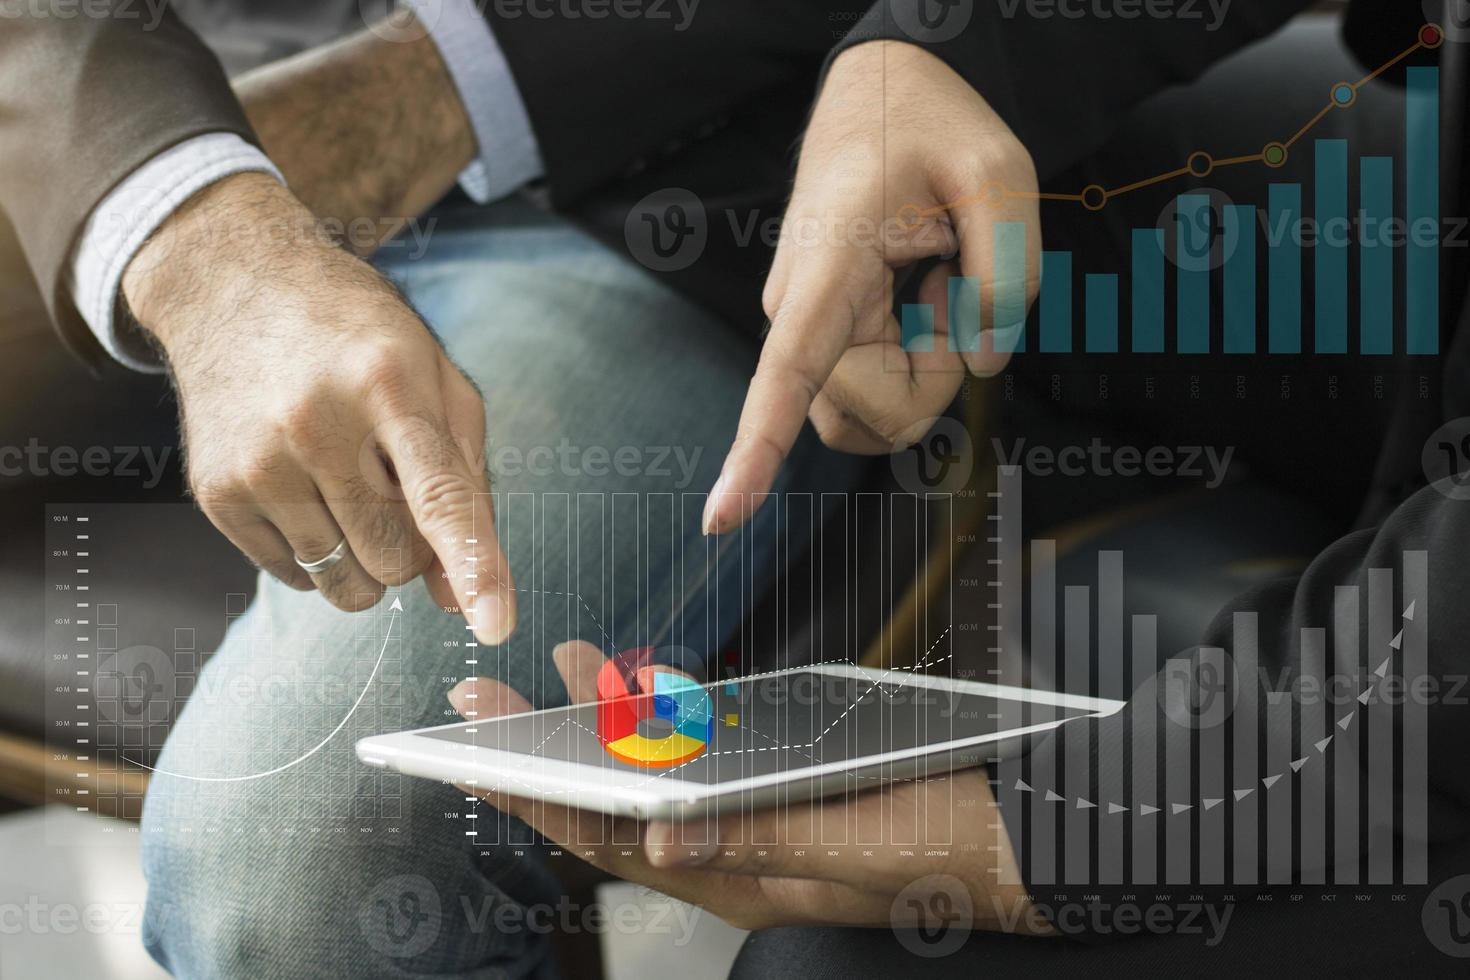 zwei Zeigefinger auf eine Tablette foto